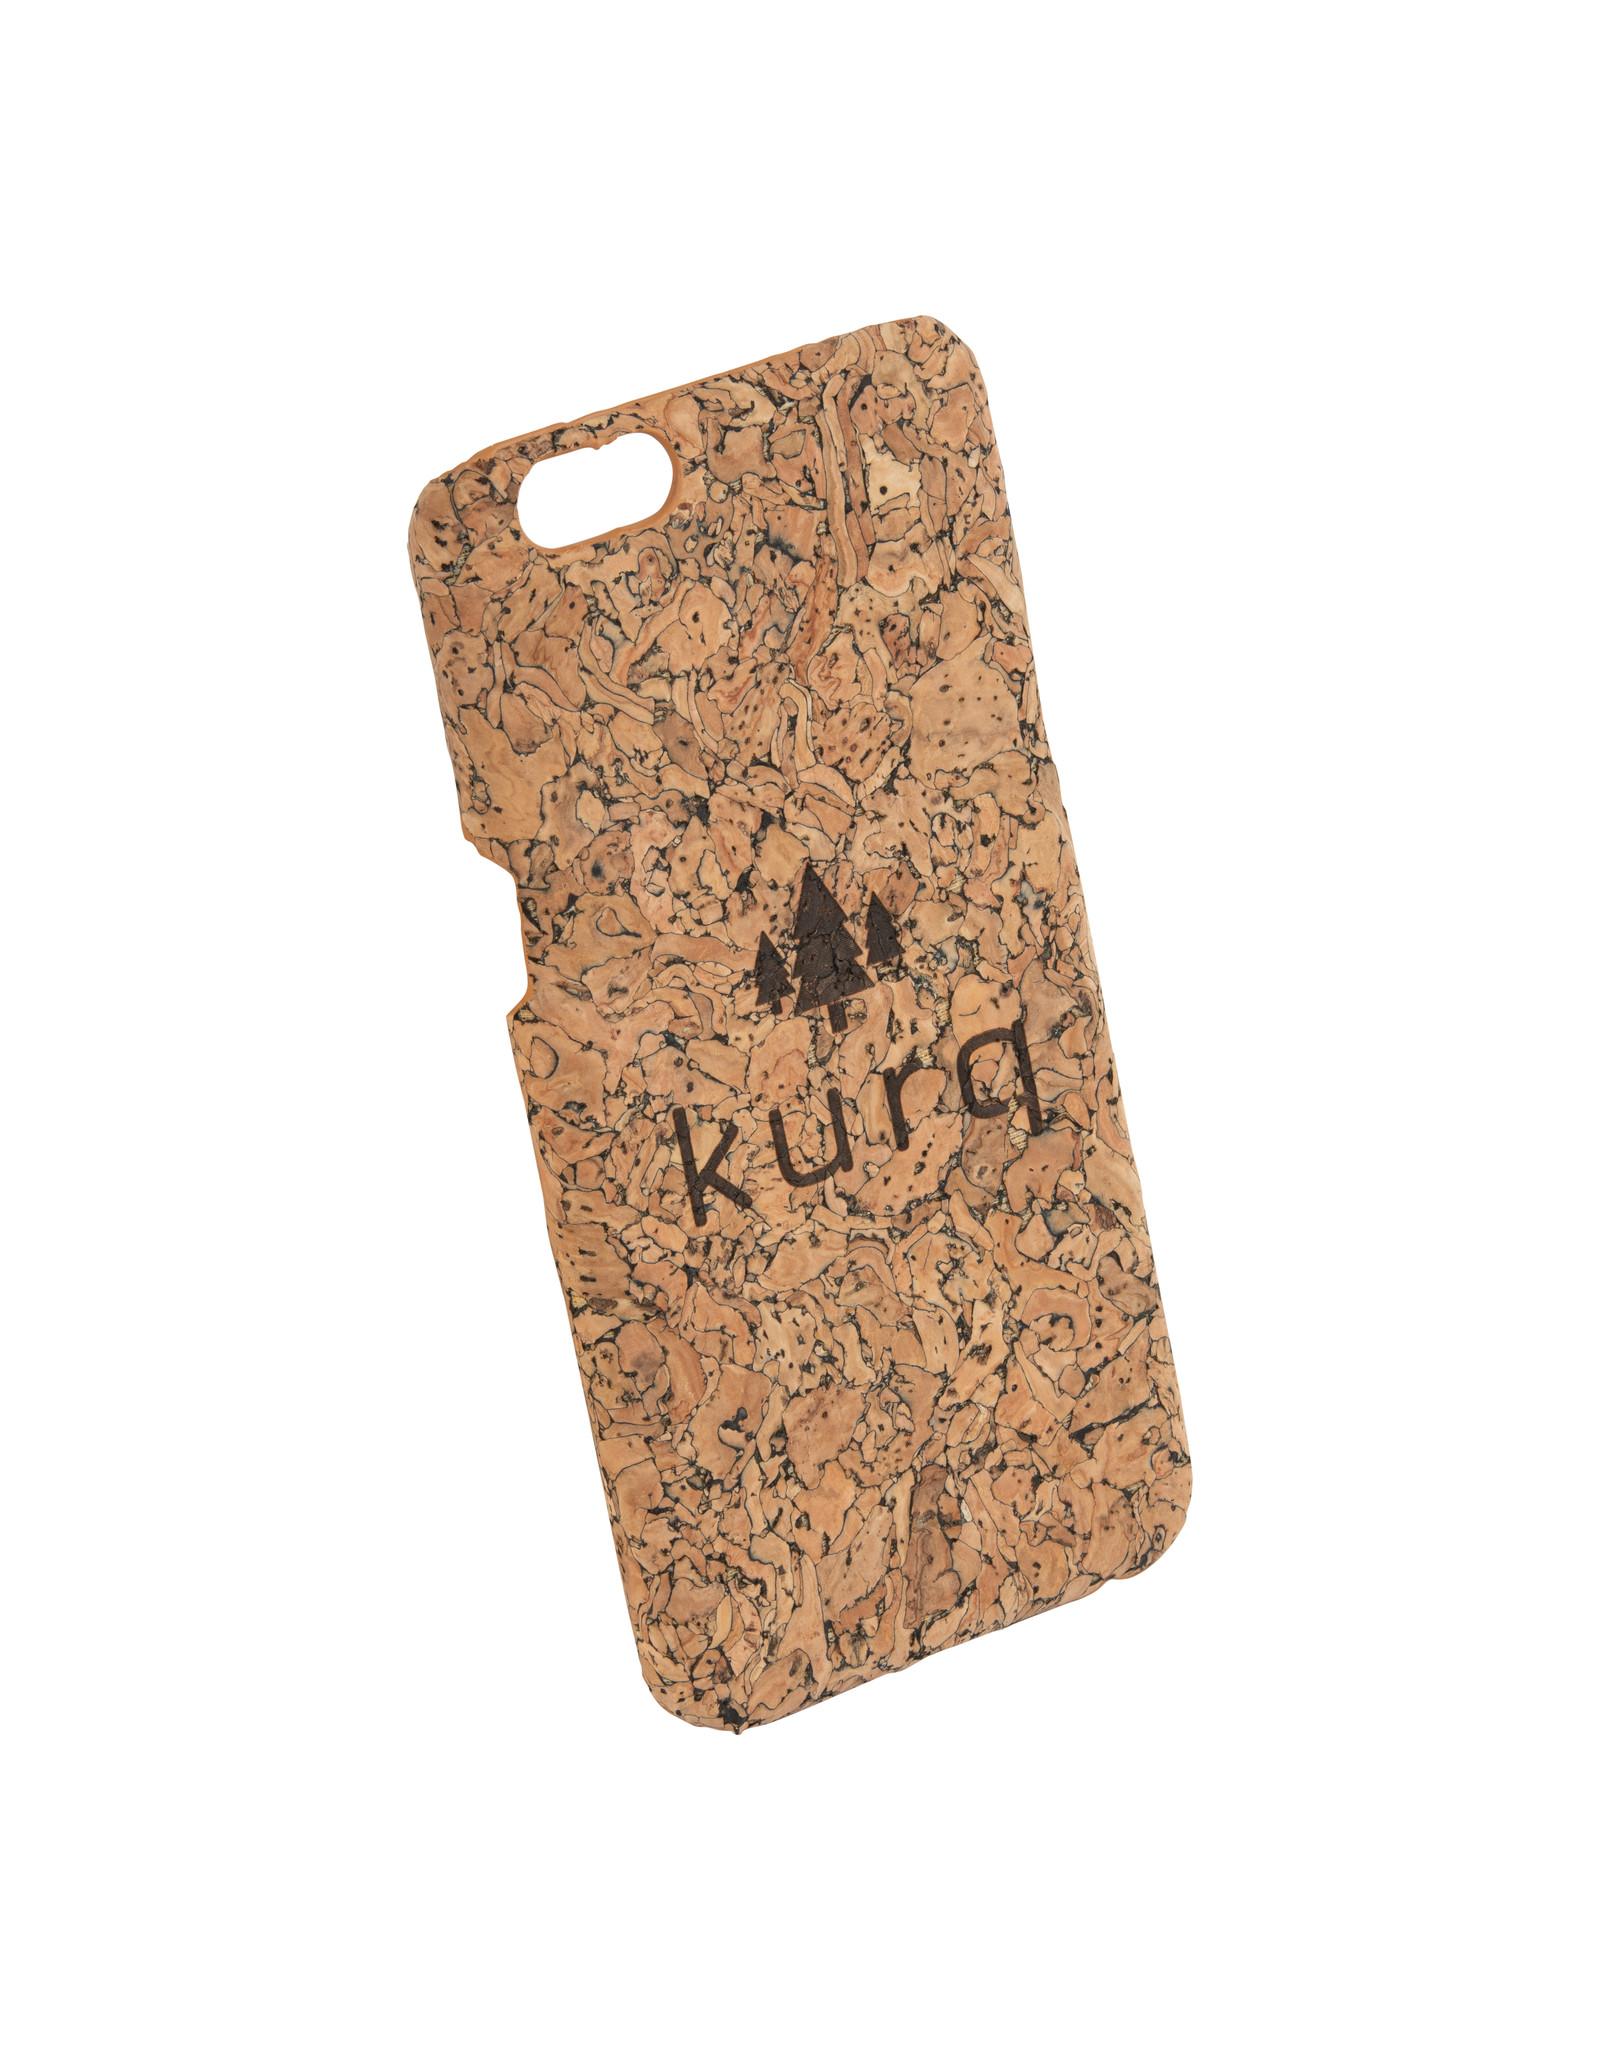 KURQ - Kurk telefoonhoesje voor Oppo A39